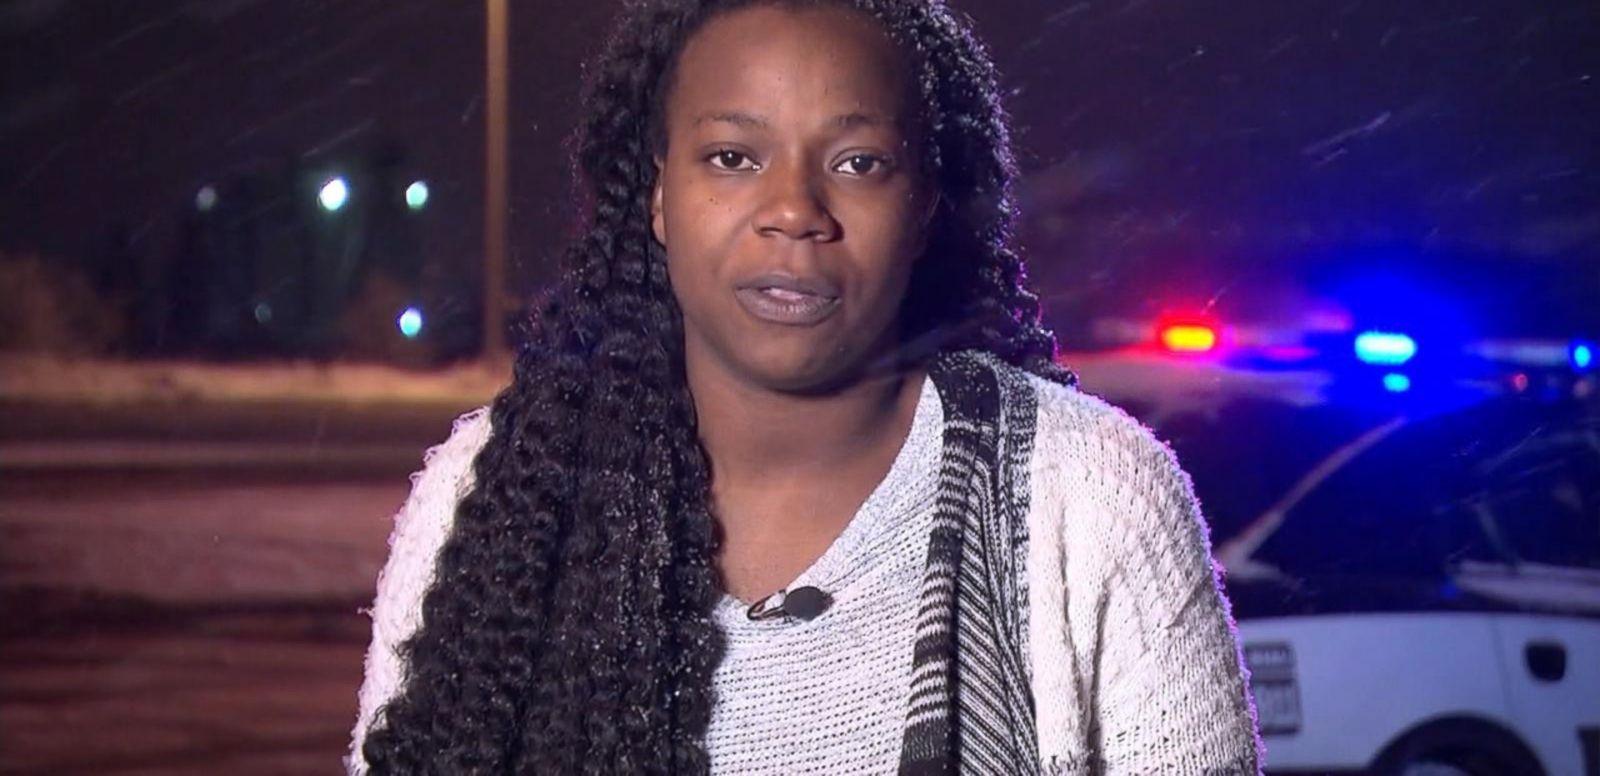 VIDEO: Colorado Springs Eyewitness Discusses Shooting